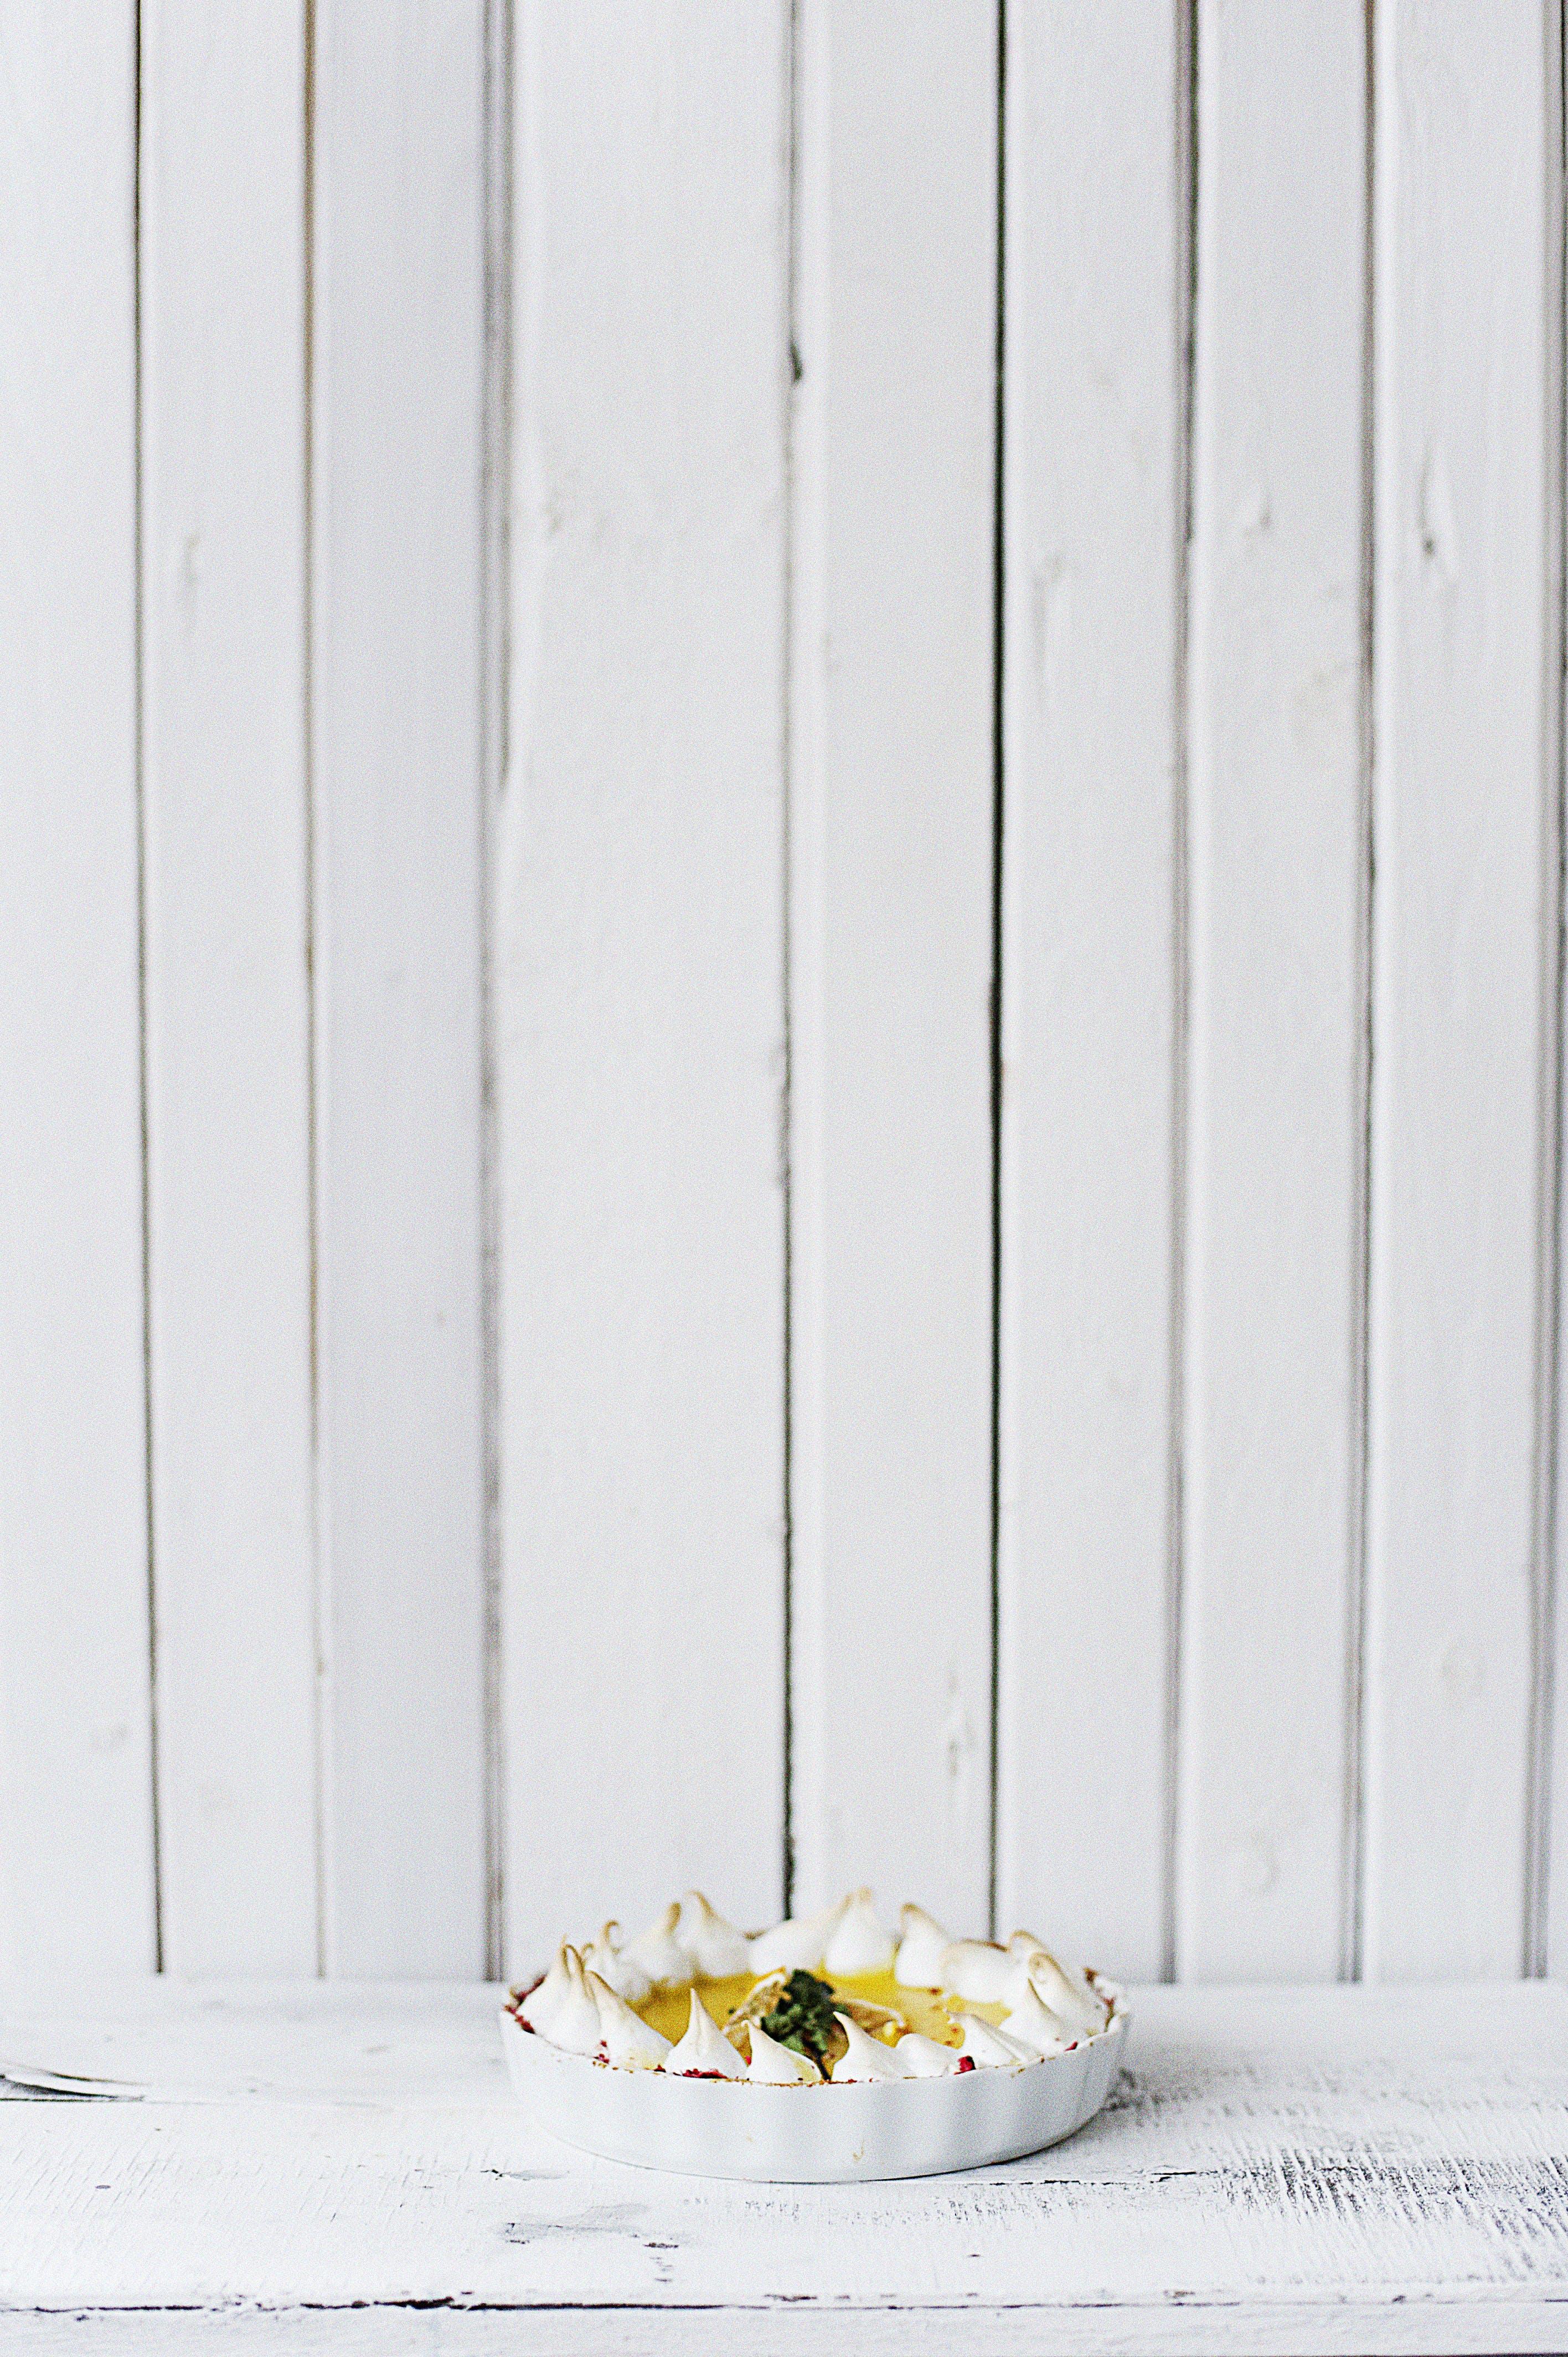 Kostenloses Stock Foto zu abstrakt, blume, brett, dekoration